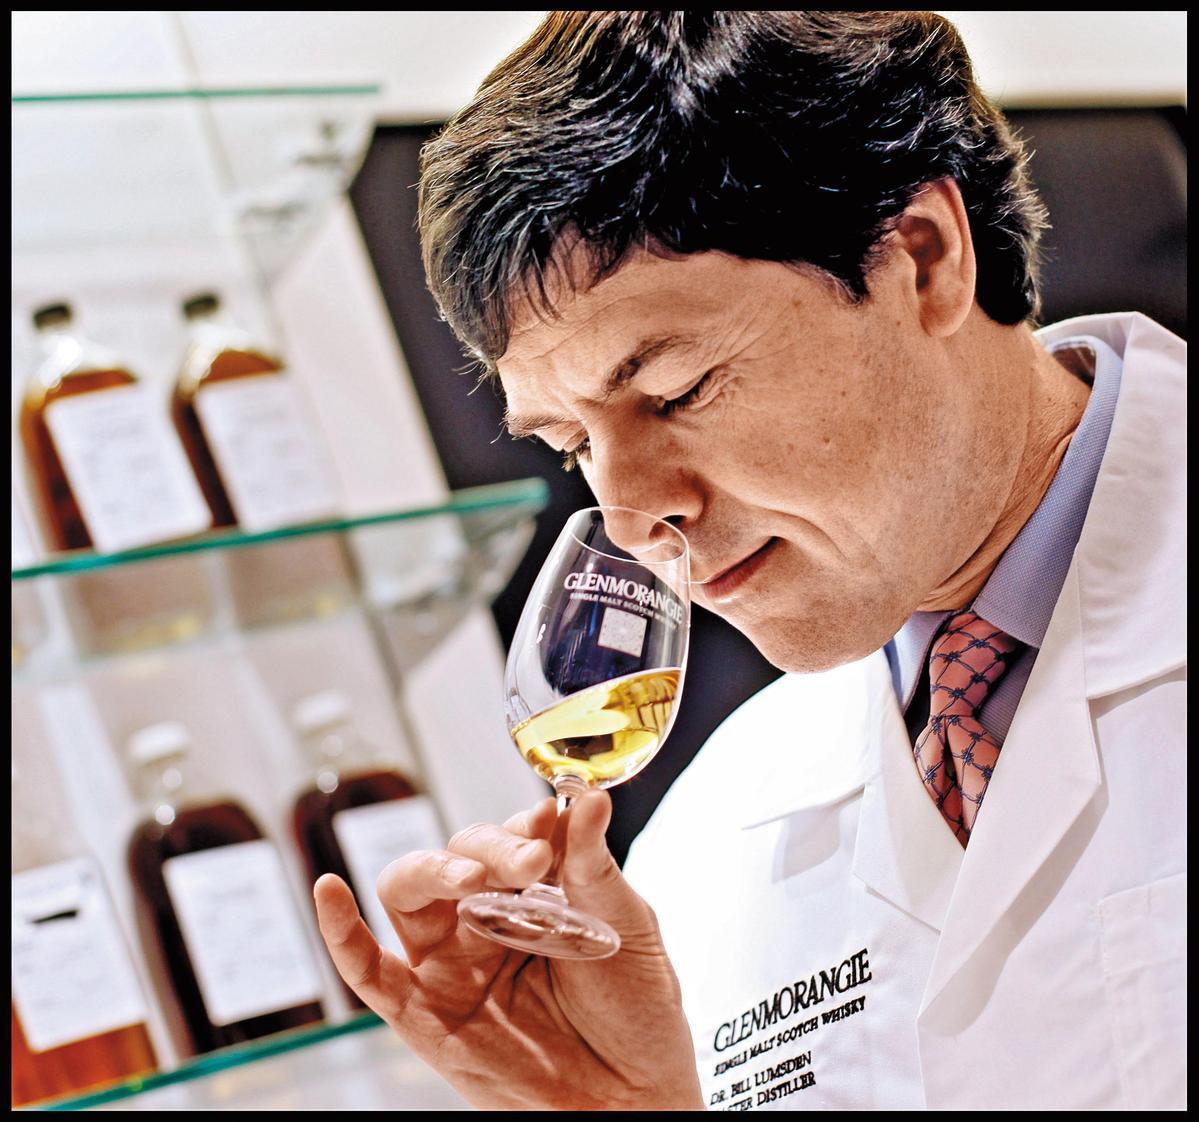 格蘭傑首席調酒師比爾梁斯敦博士,調酒時充滿了創意,「私藏系列」就是他近10年來的風味實驗室。